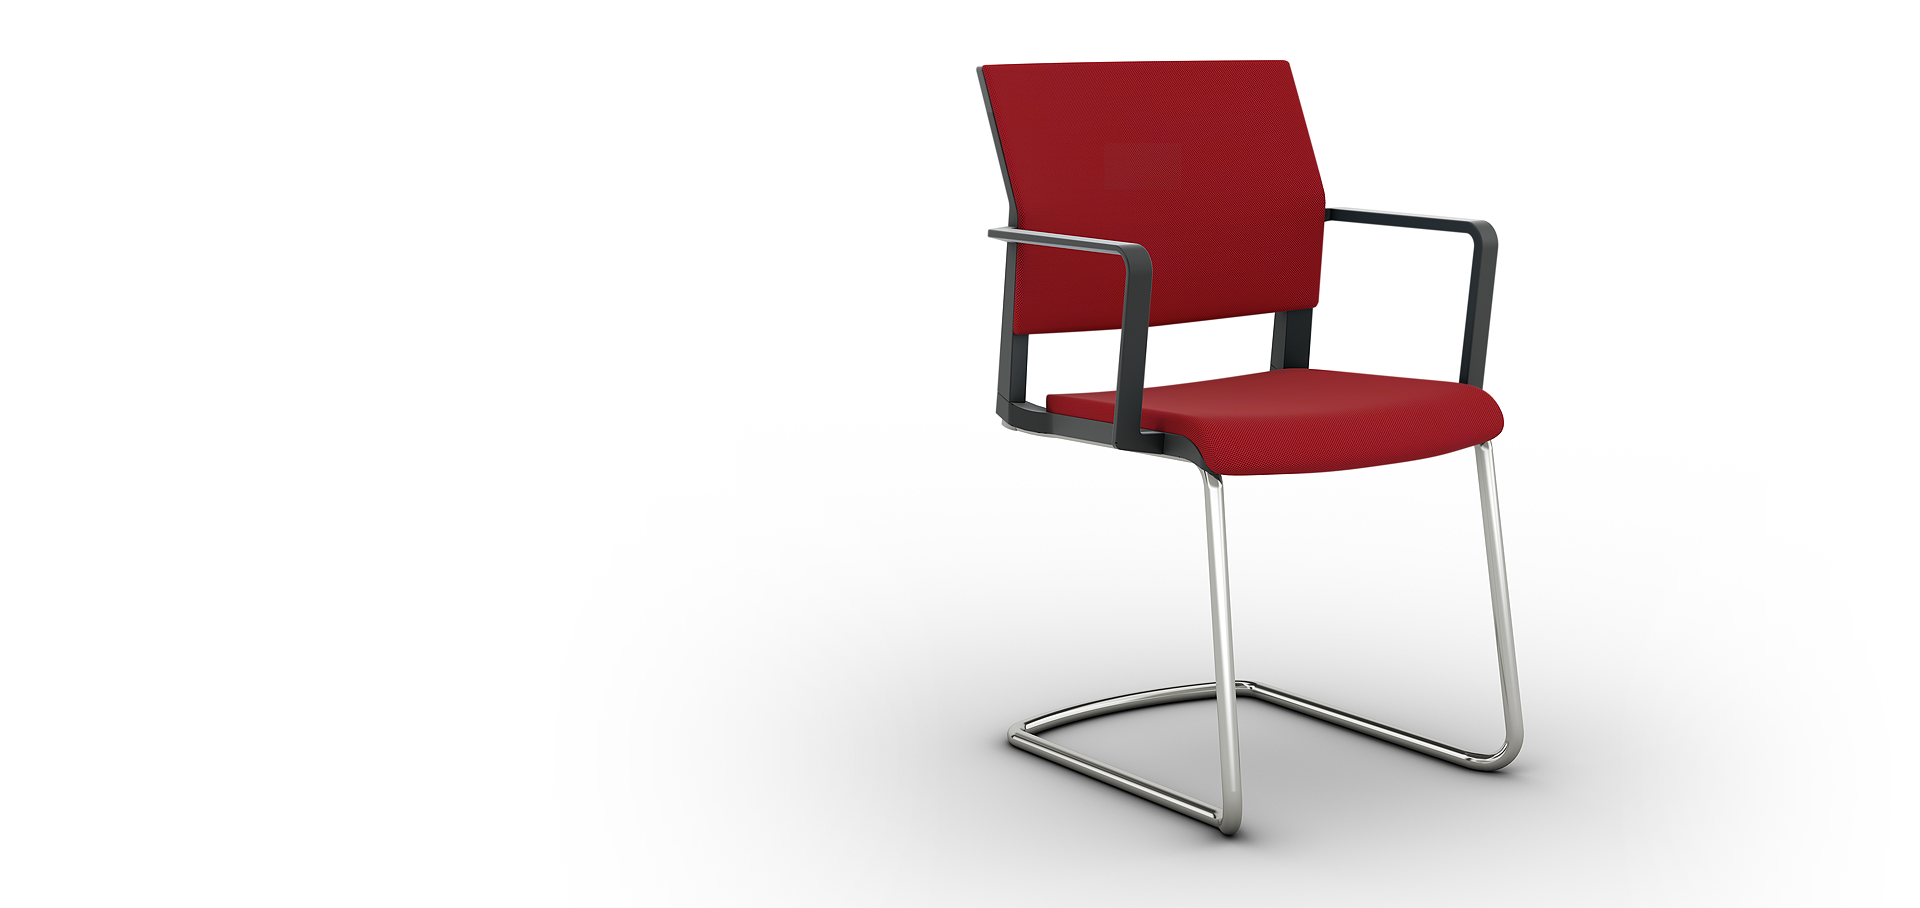 Универсальное немецкое кресло Impulse со стильными подлокотниками для посетителей и конференций исполнение ткань, опора хром, пружинит.